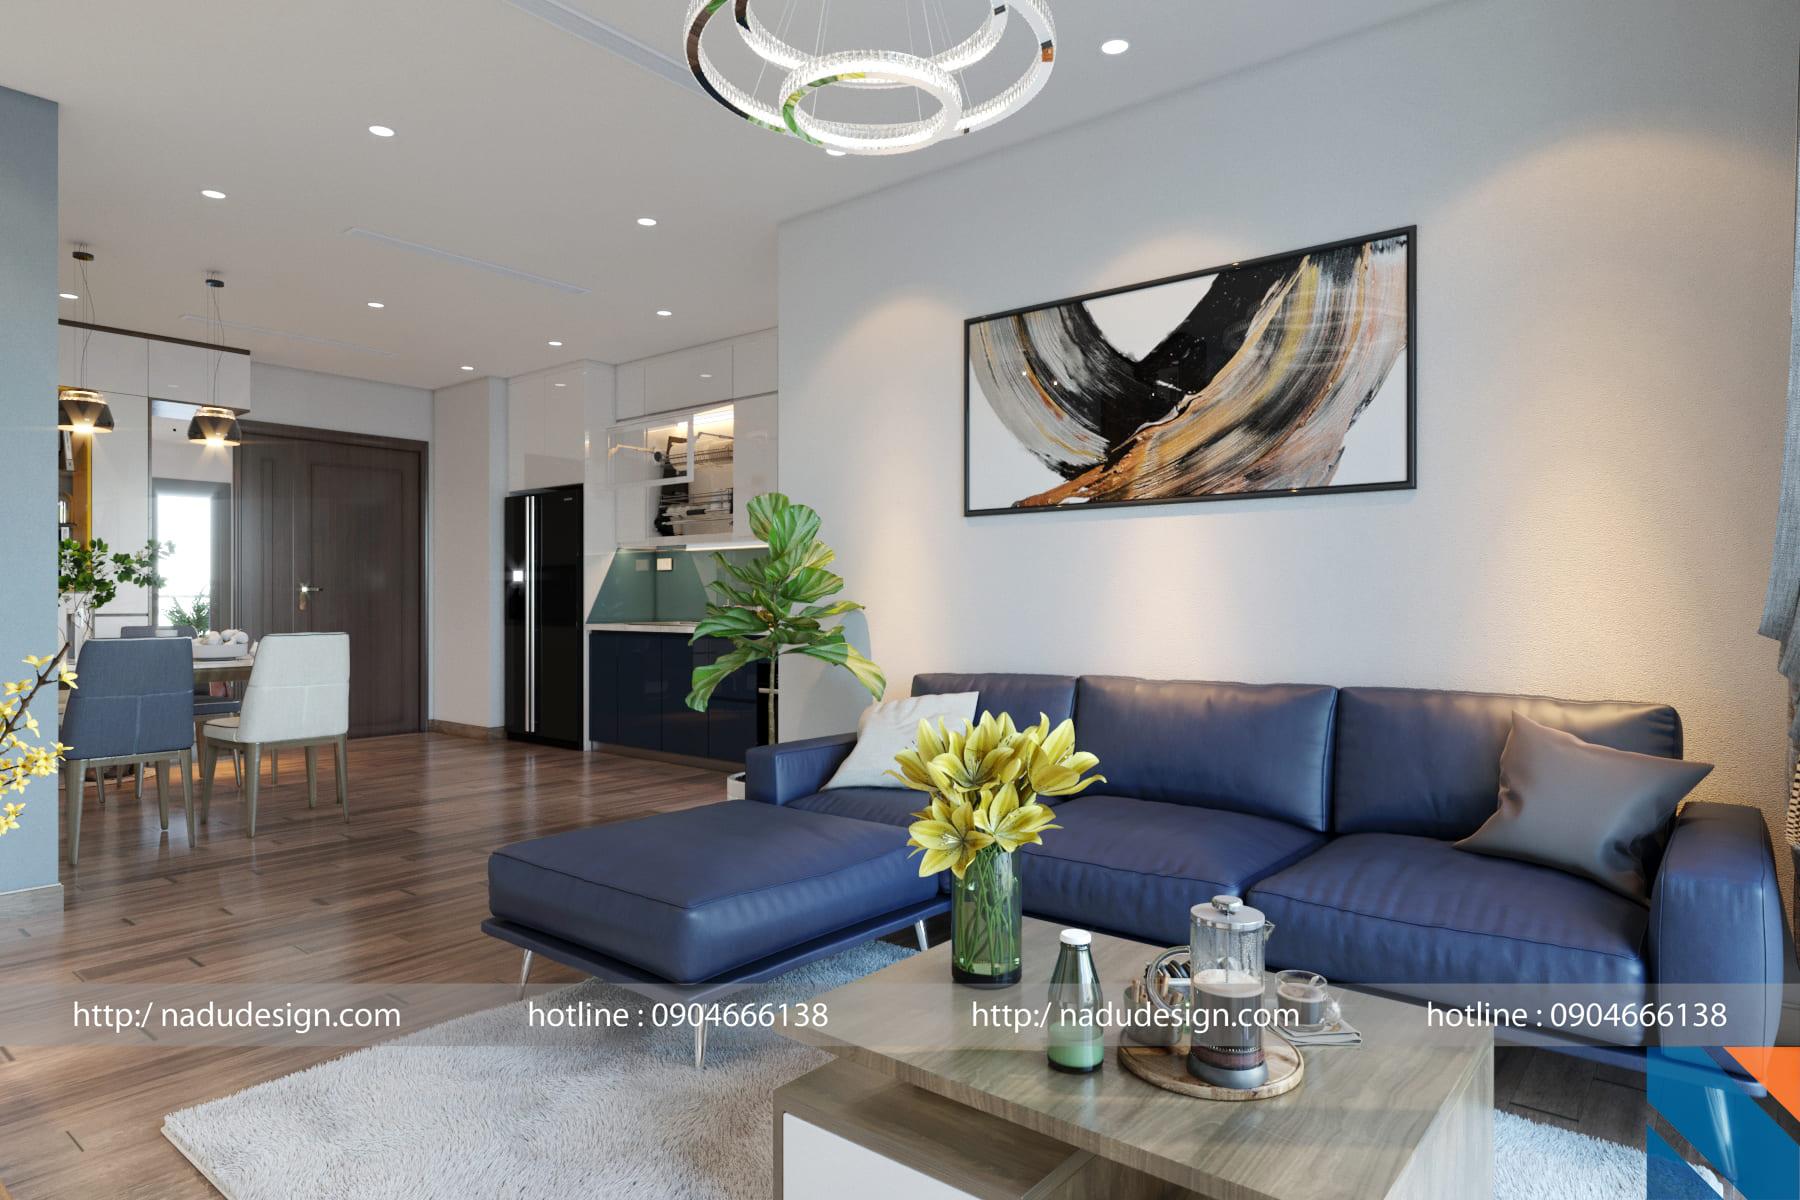 Thiết kế nội thất chung cư 100m2 hiện đại và độc đáo